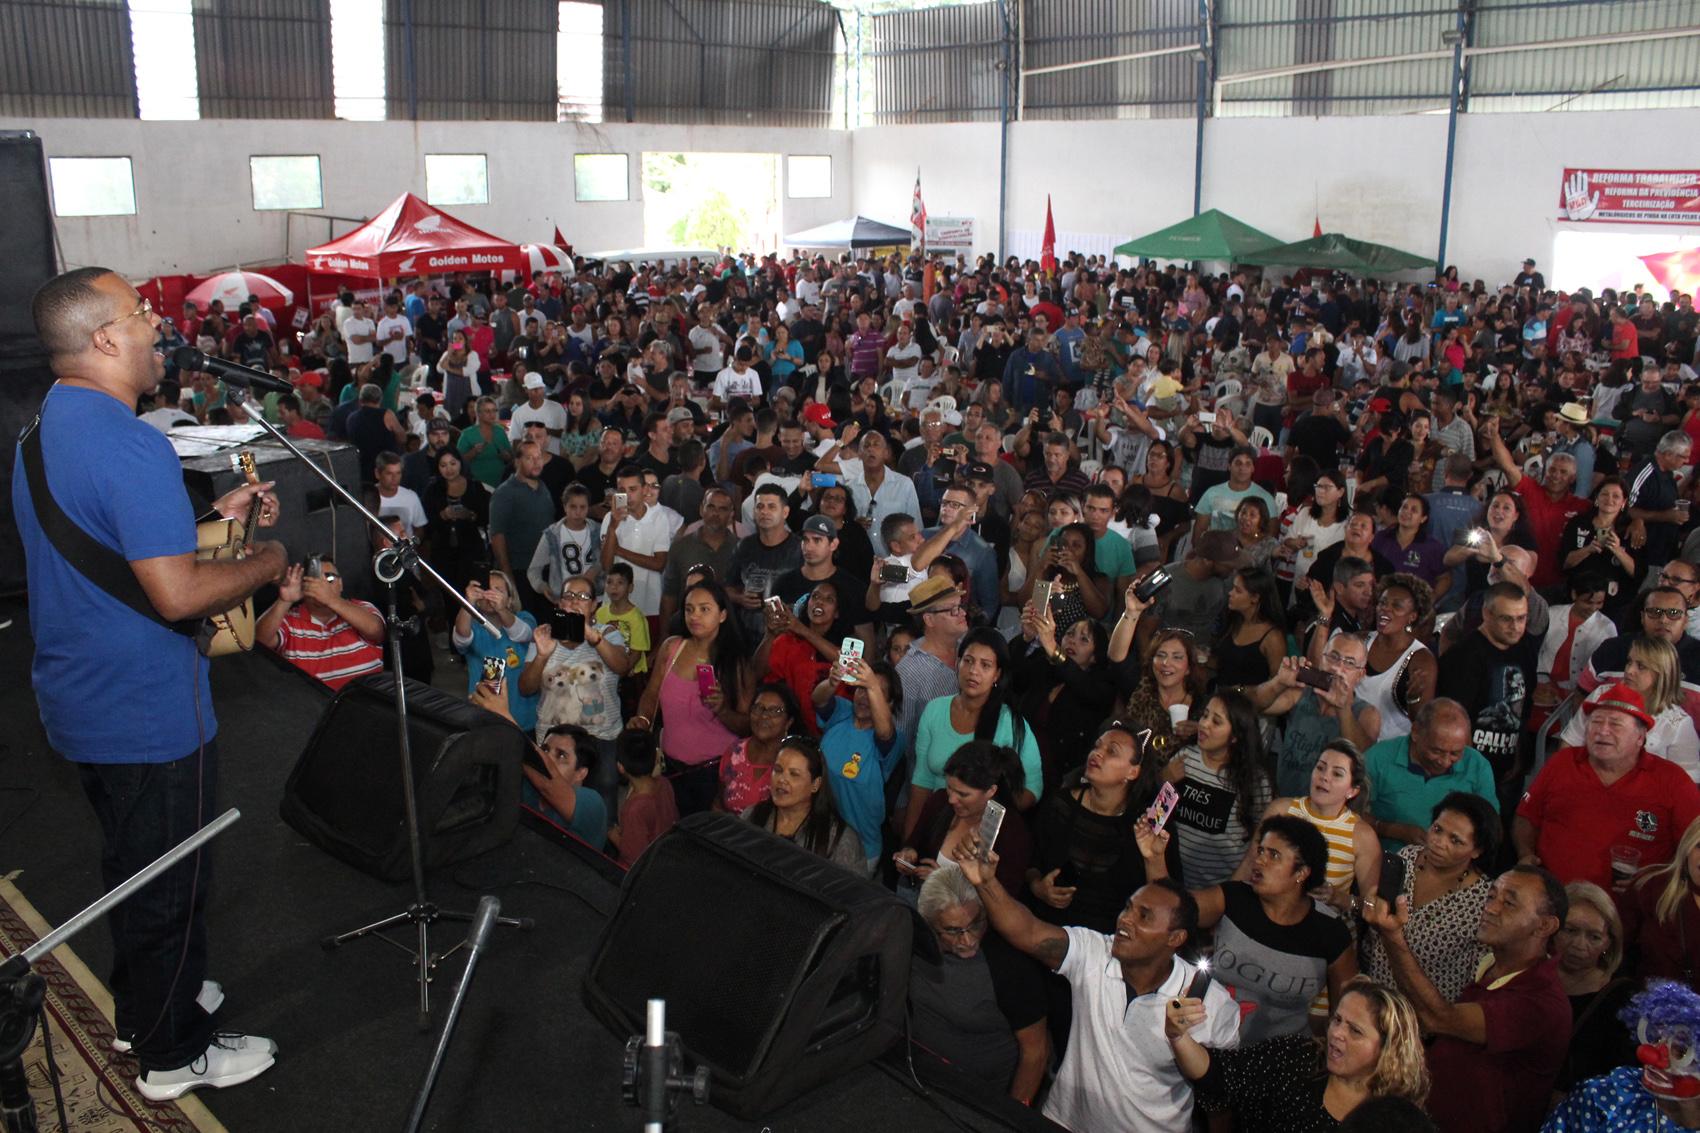 Festa dos metalúrgicos chega a 7 mil pessoas com show de Dudu Nobre.1